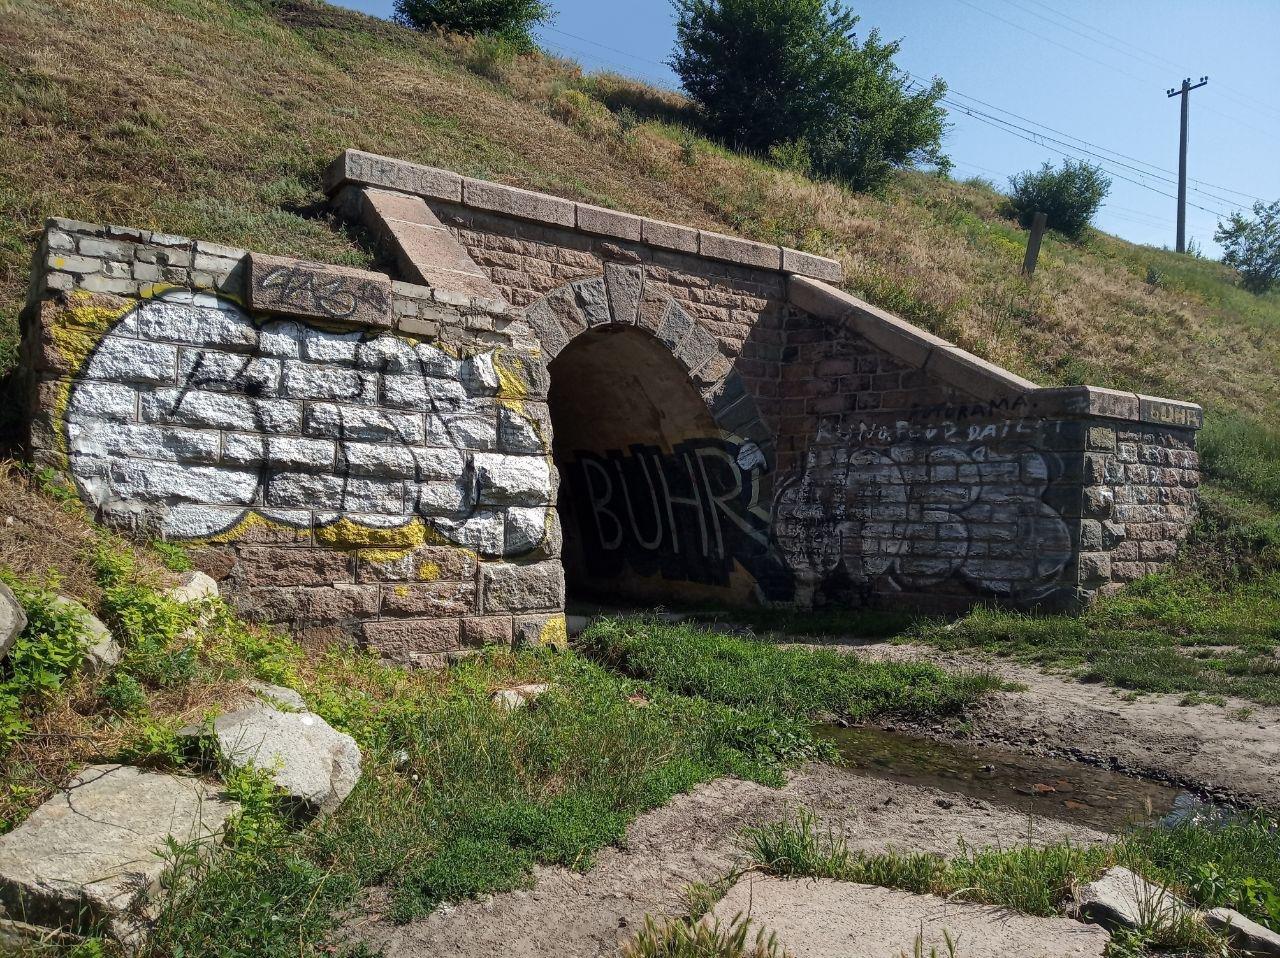 Поезда-призраки и таинственные могилы: какие легенды хранит Тоннельная балка в Днепре, фото-1